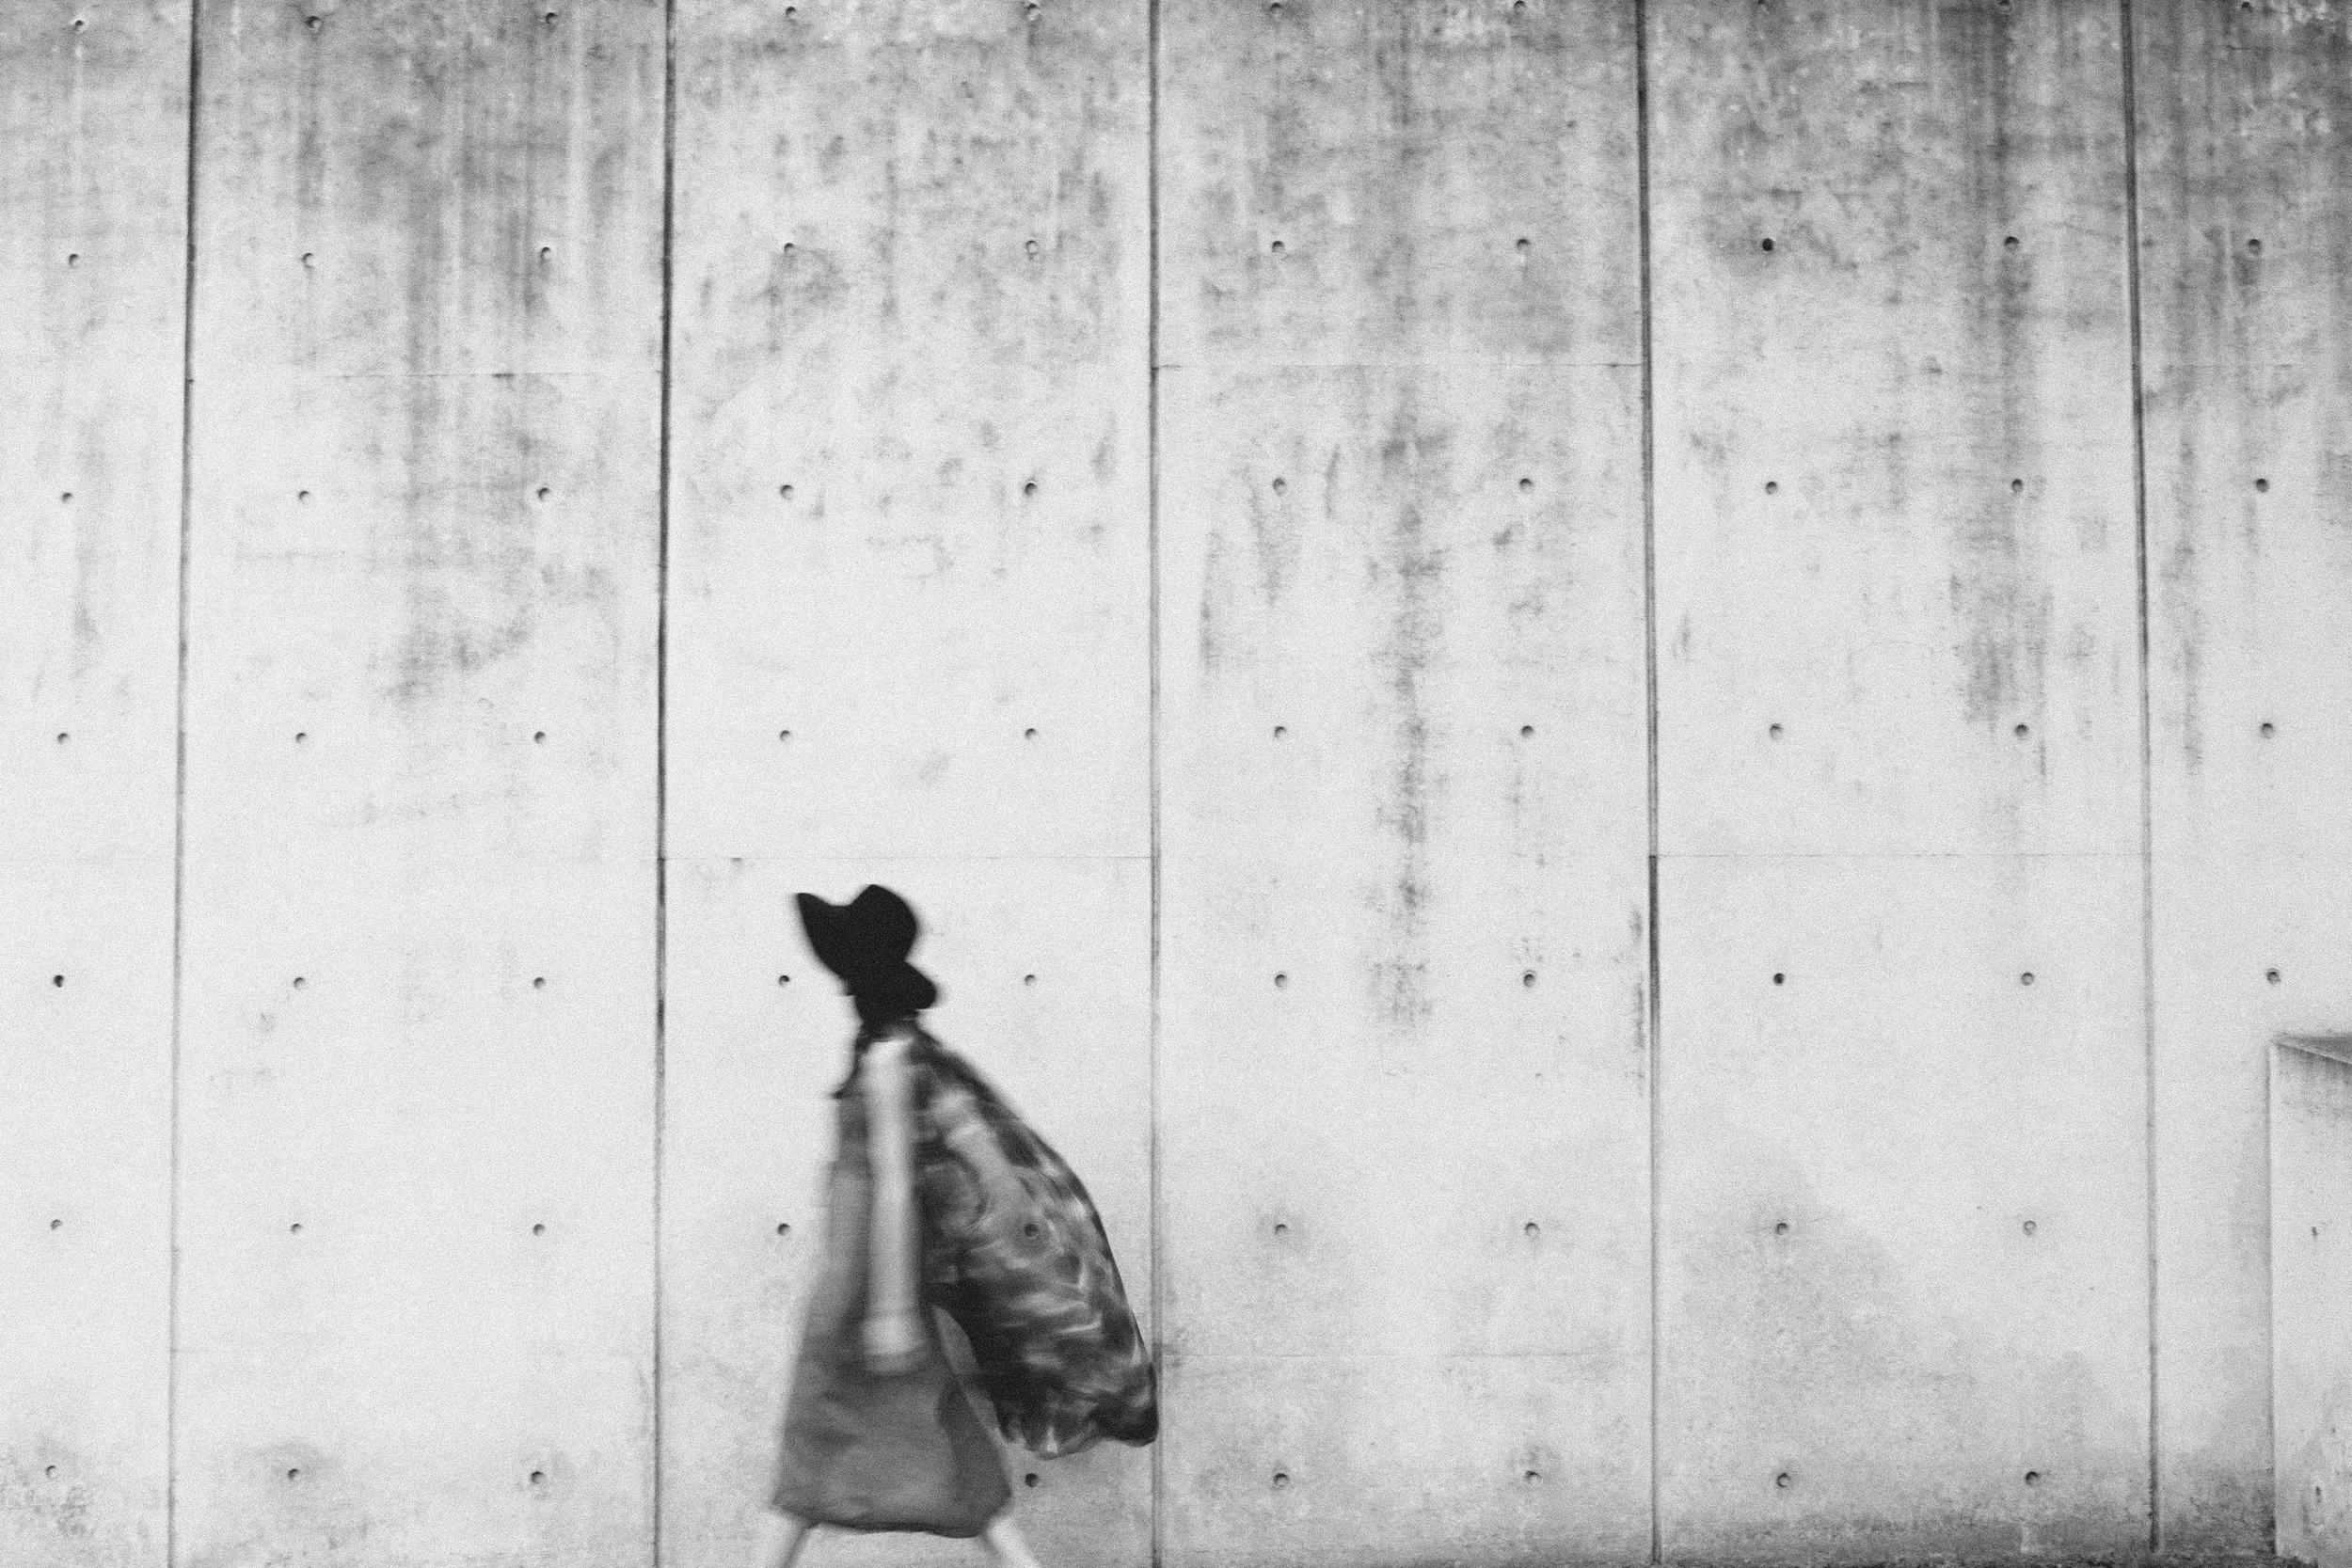 Velvet_Dust_Blur_Editorial_020.jpg